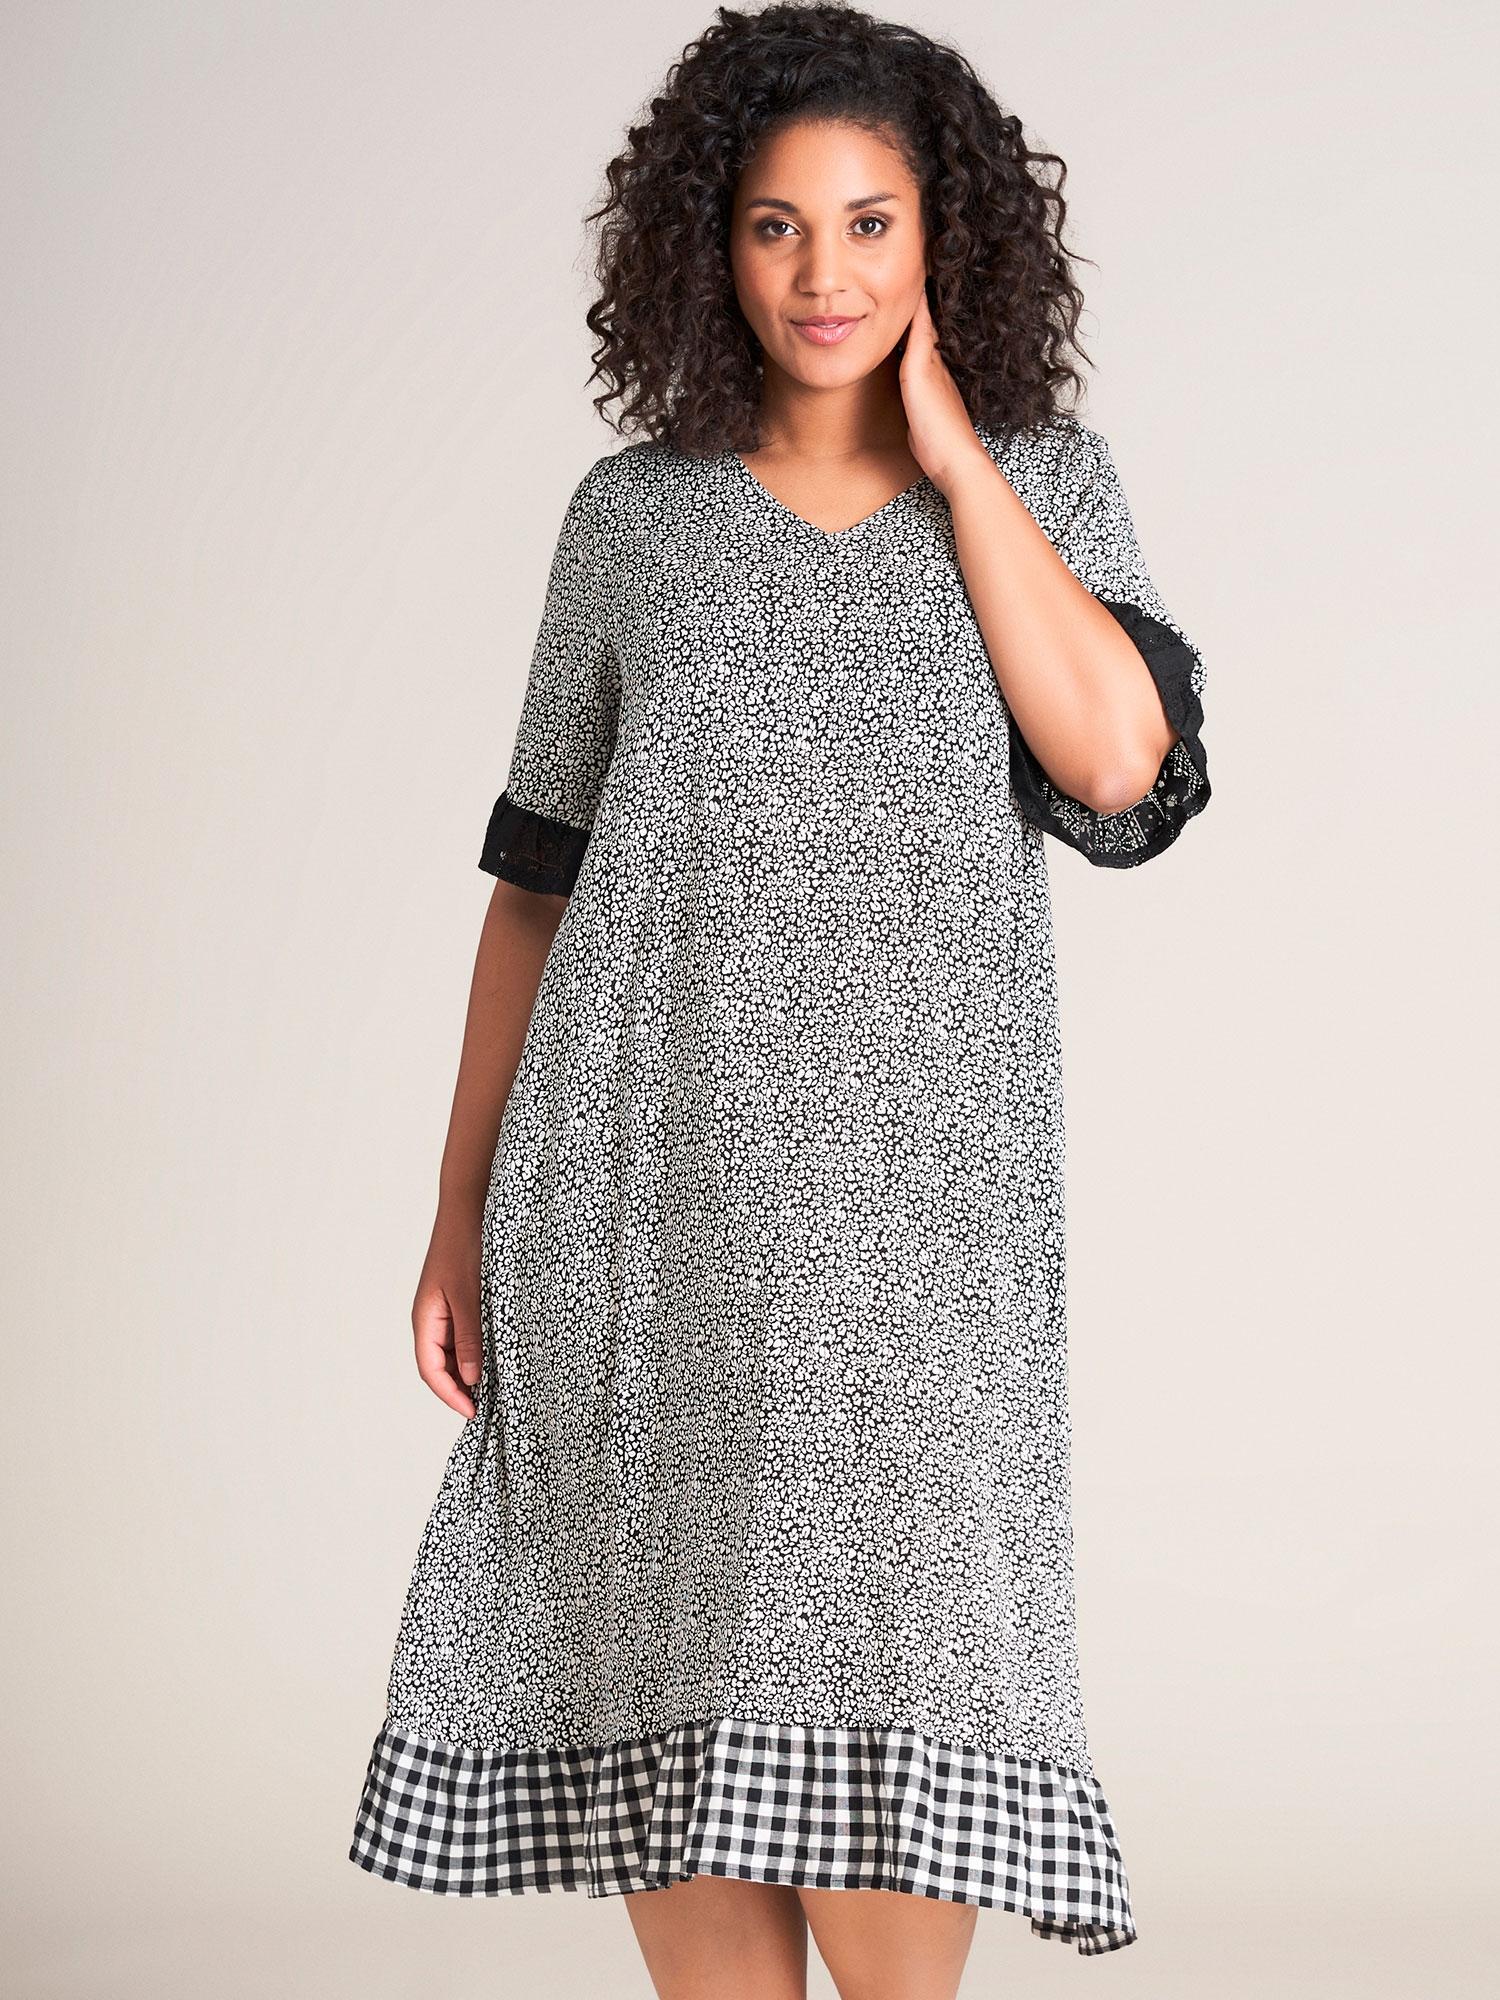 Studio Lang kjole i sort hvid printet viskose, 42-44 / S